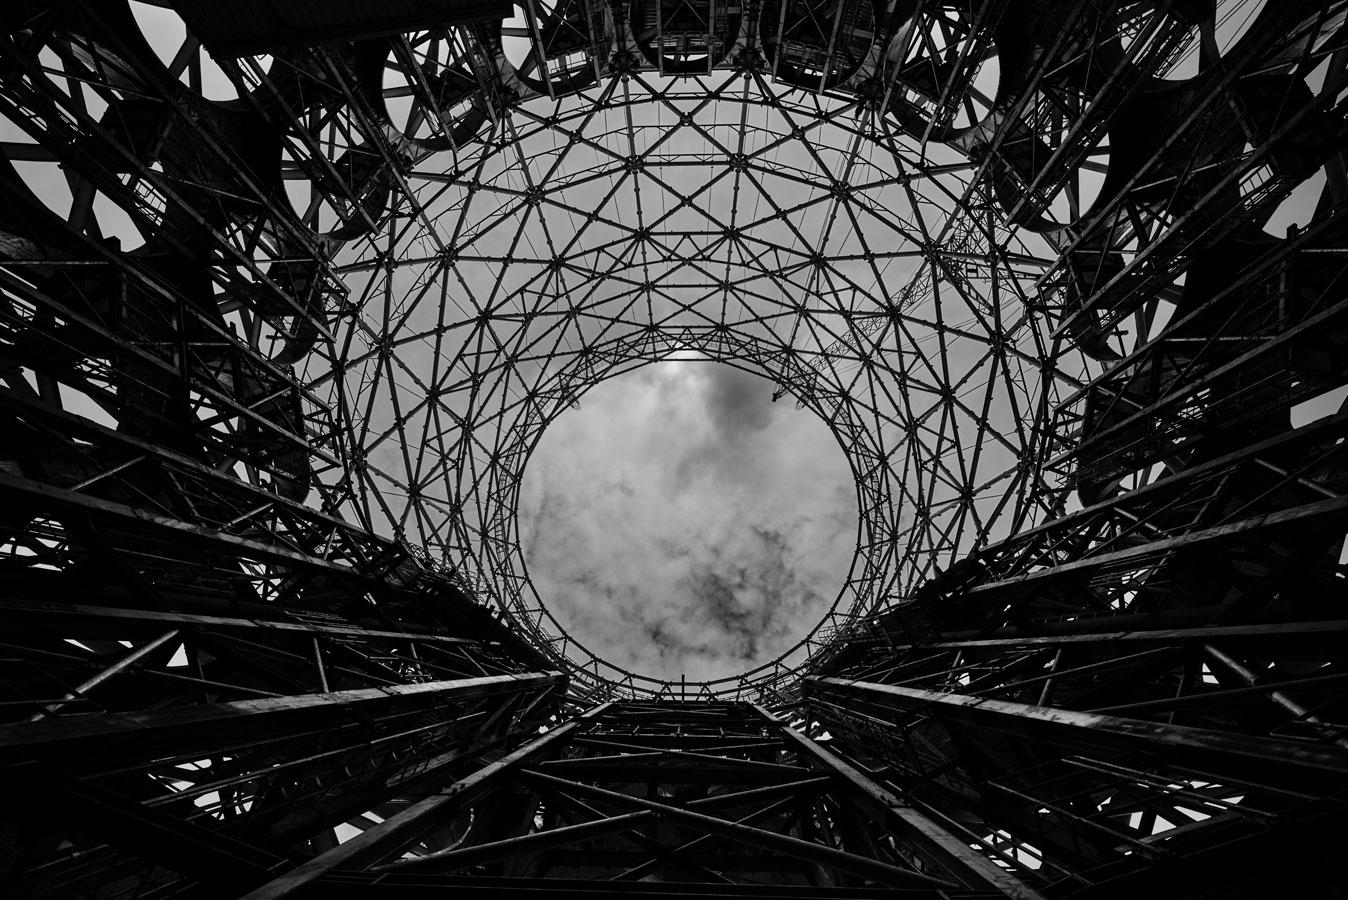 Око Градирни, Фотоконкурс «Энергетика современной России»